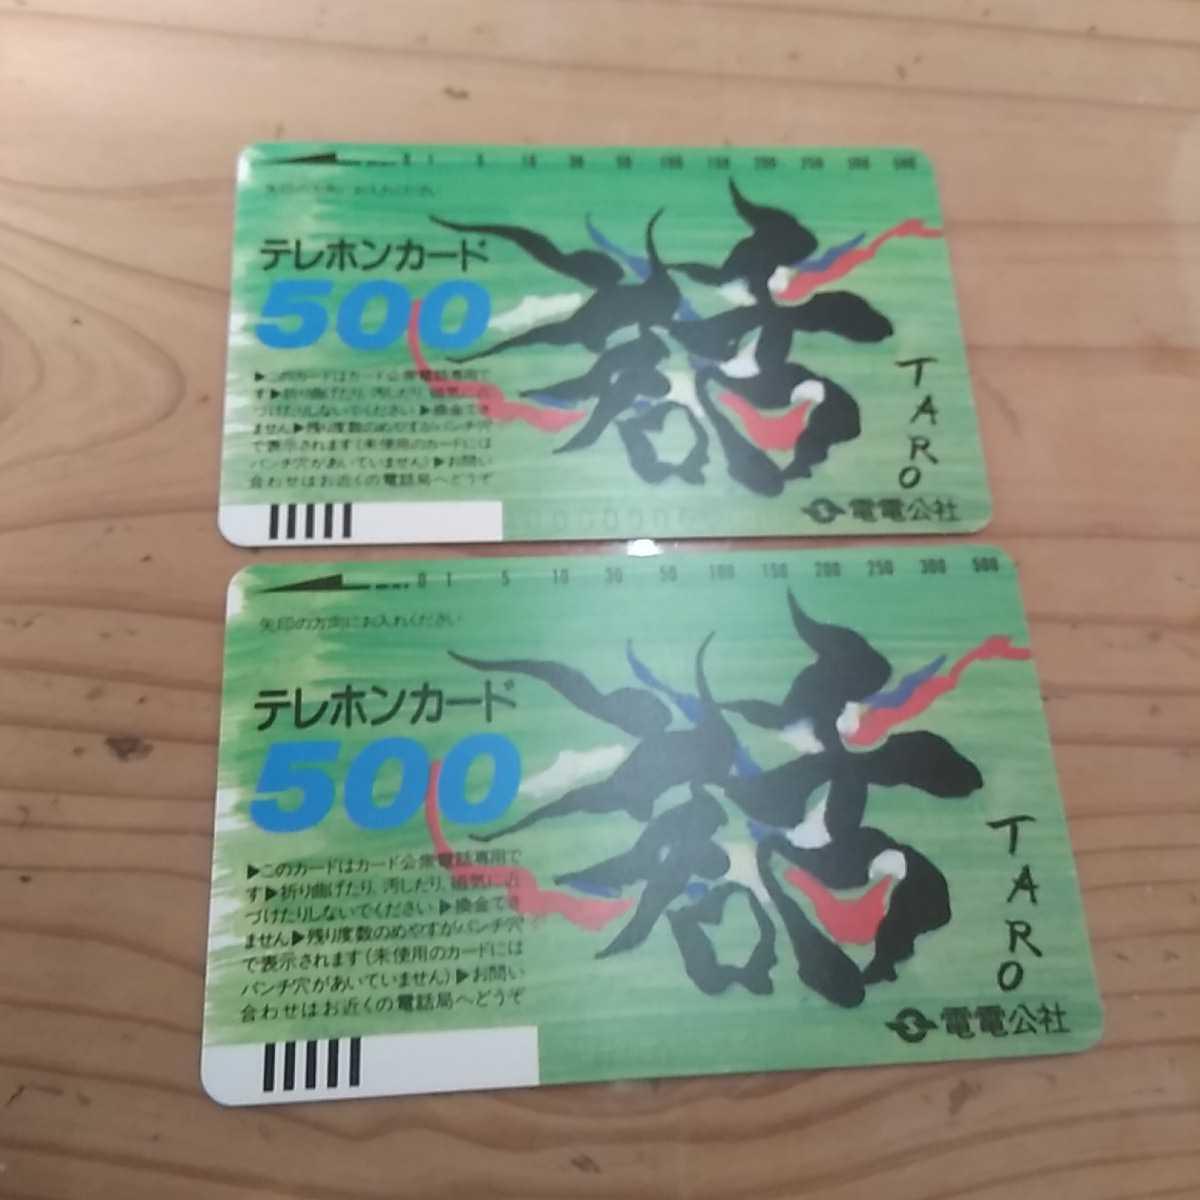 電電公社 岡本太郎 500度 テレホンカード テレカ 新品_画像5